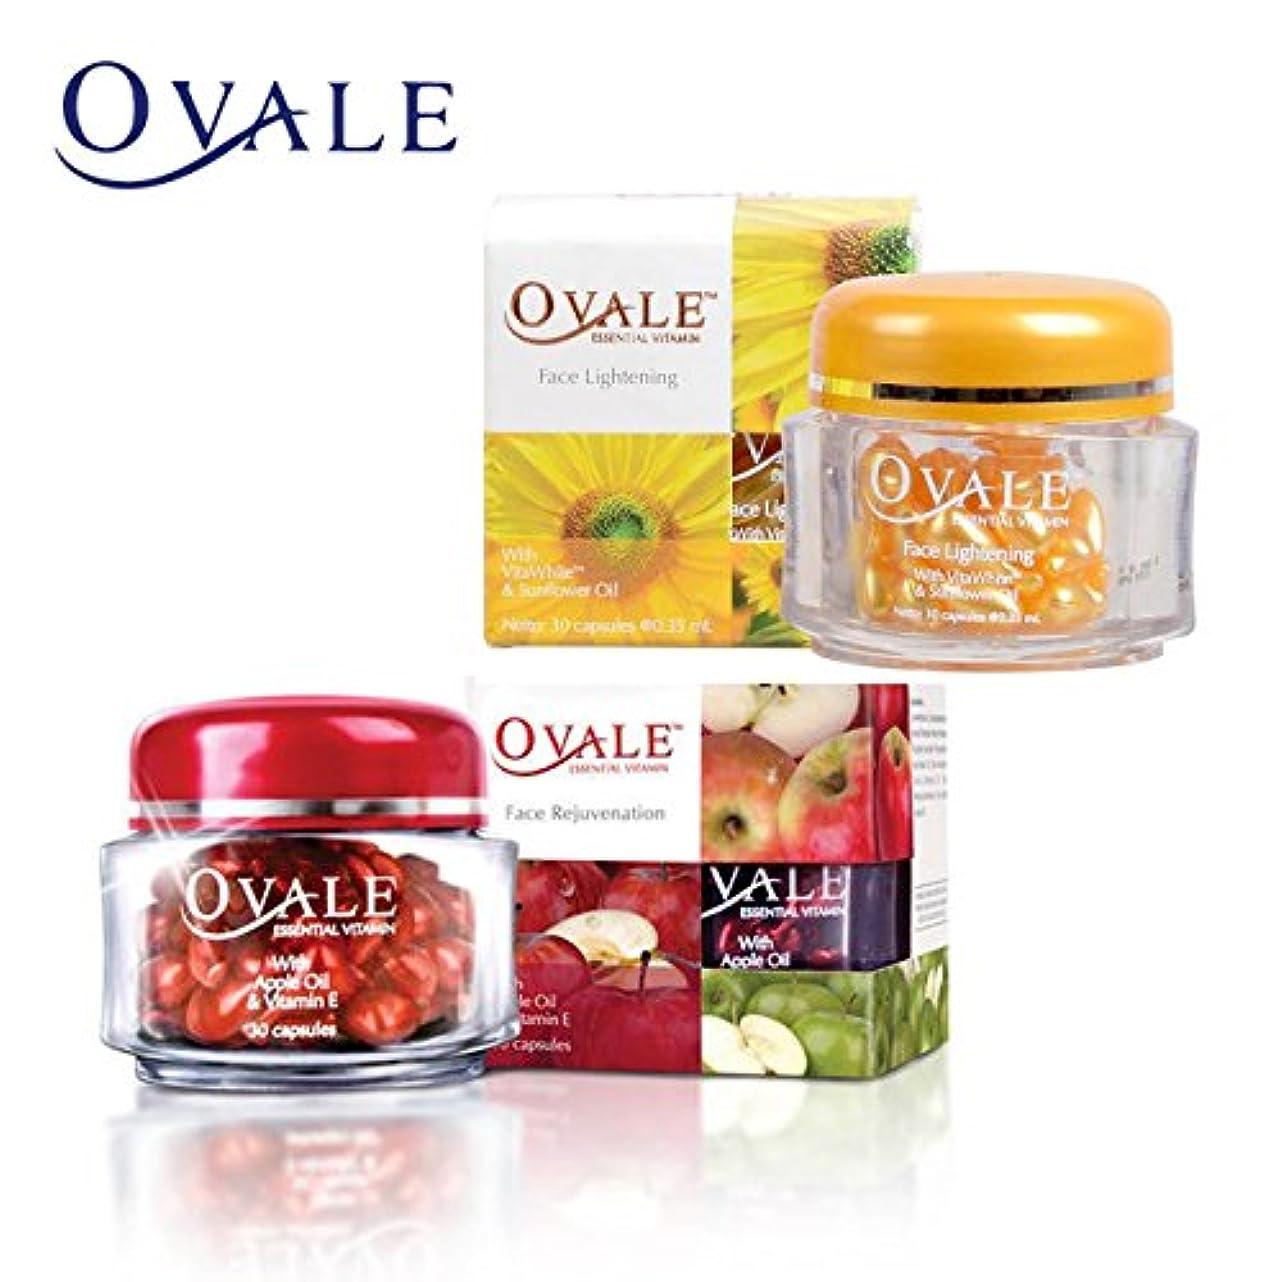 カロリー赤ドラムOvale オーバル フェイシャル美容液 essential vitamin エッセンシャルビタミン 30粒入ボトル×5個 アップル [海外直送品]